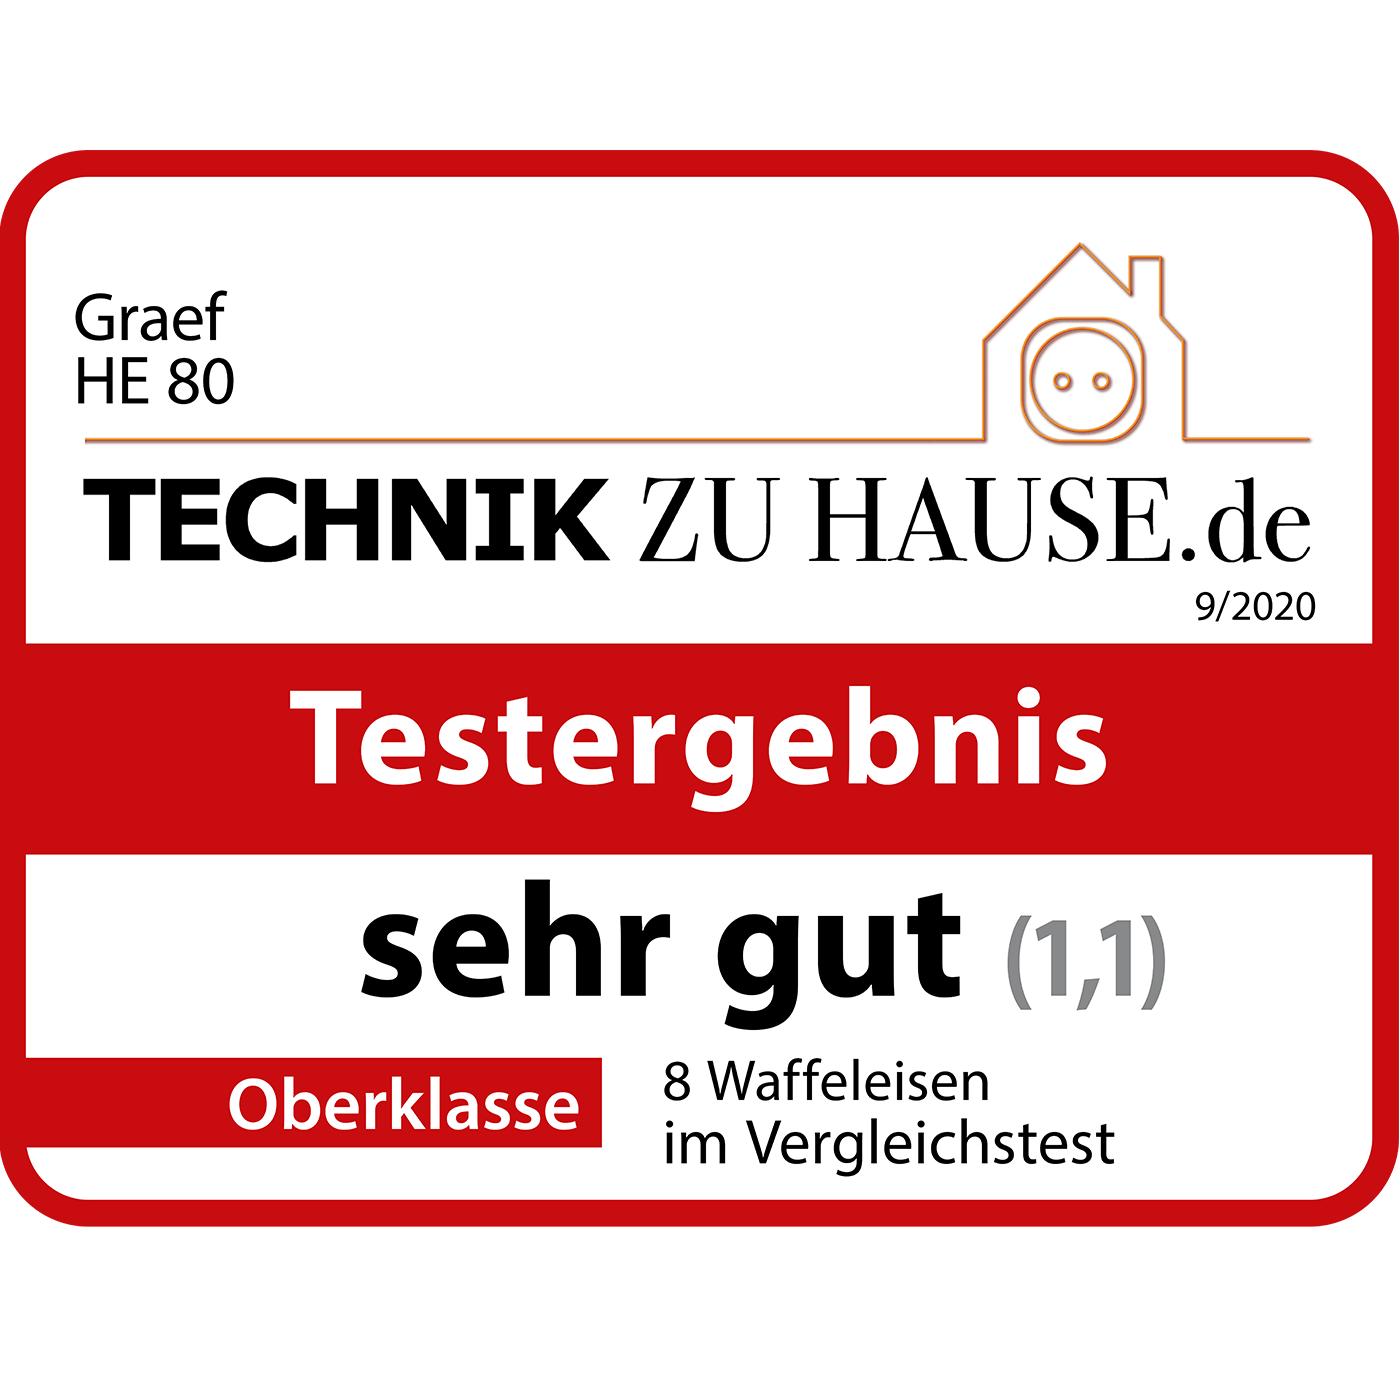 Graef Hörncheneisen HE80EU - Technikzuhause.de (09/2020) - Testlogo